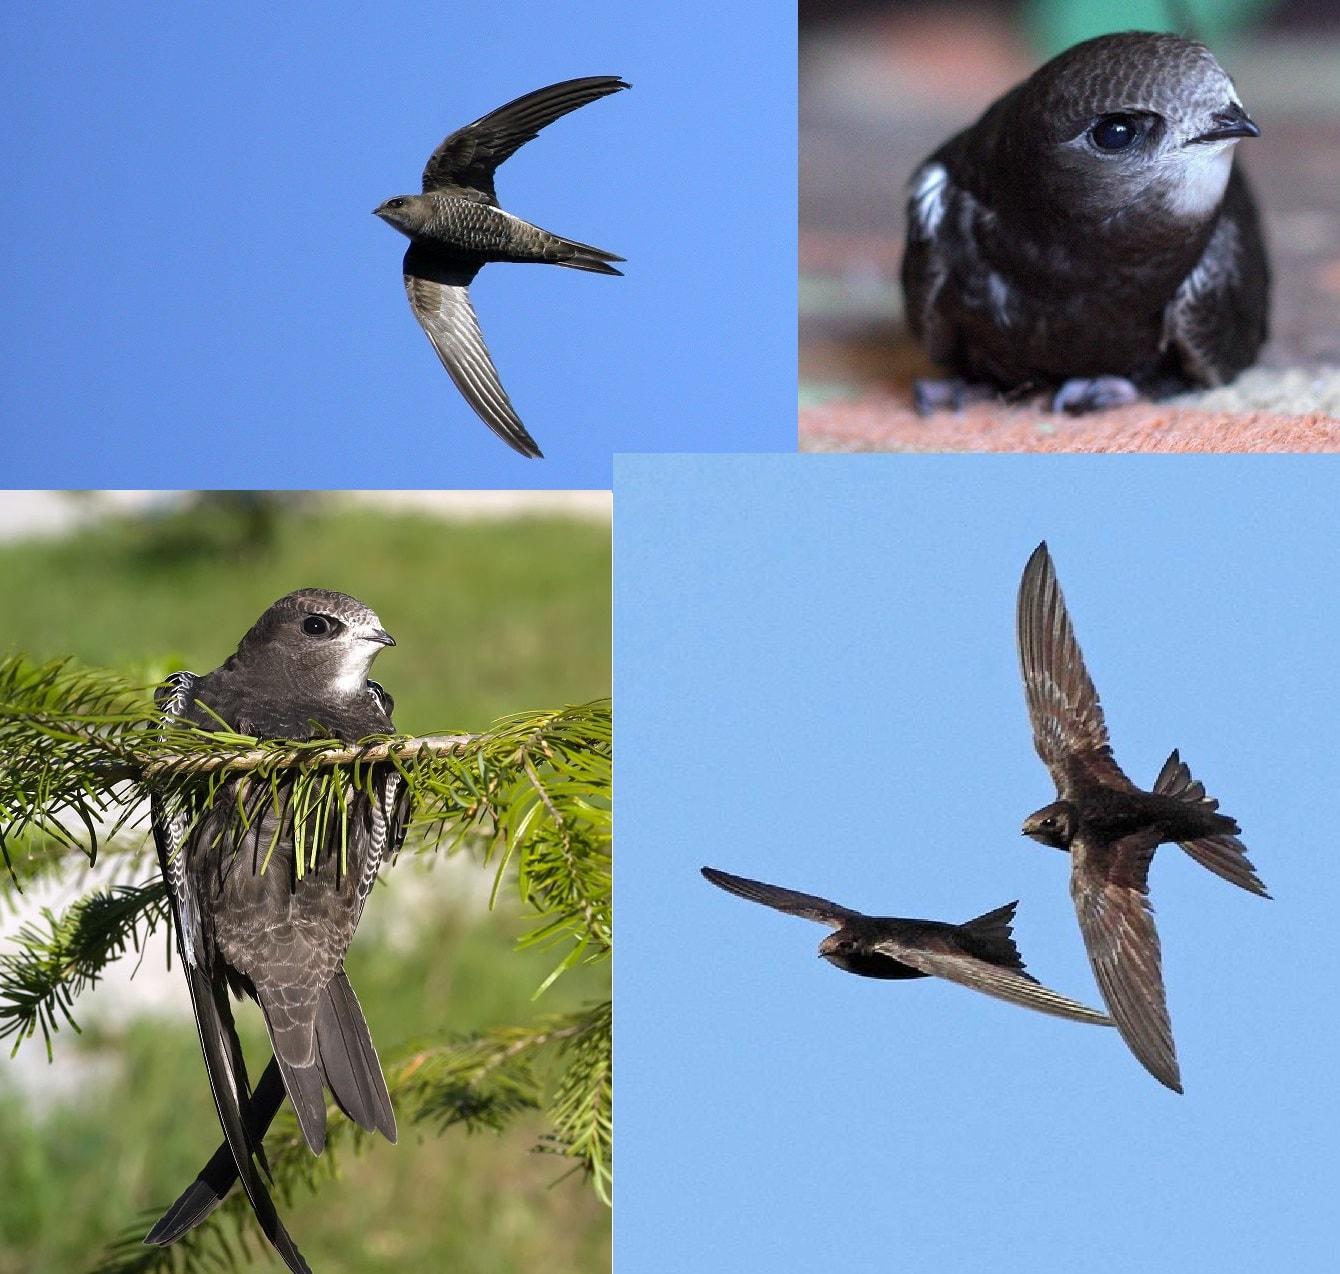 Чёрный стриж. Коллаж из фотографий перелётной птицы